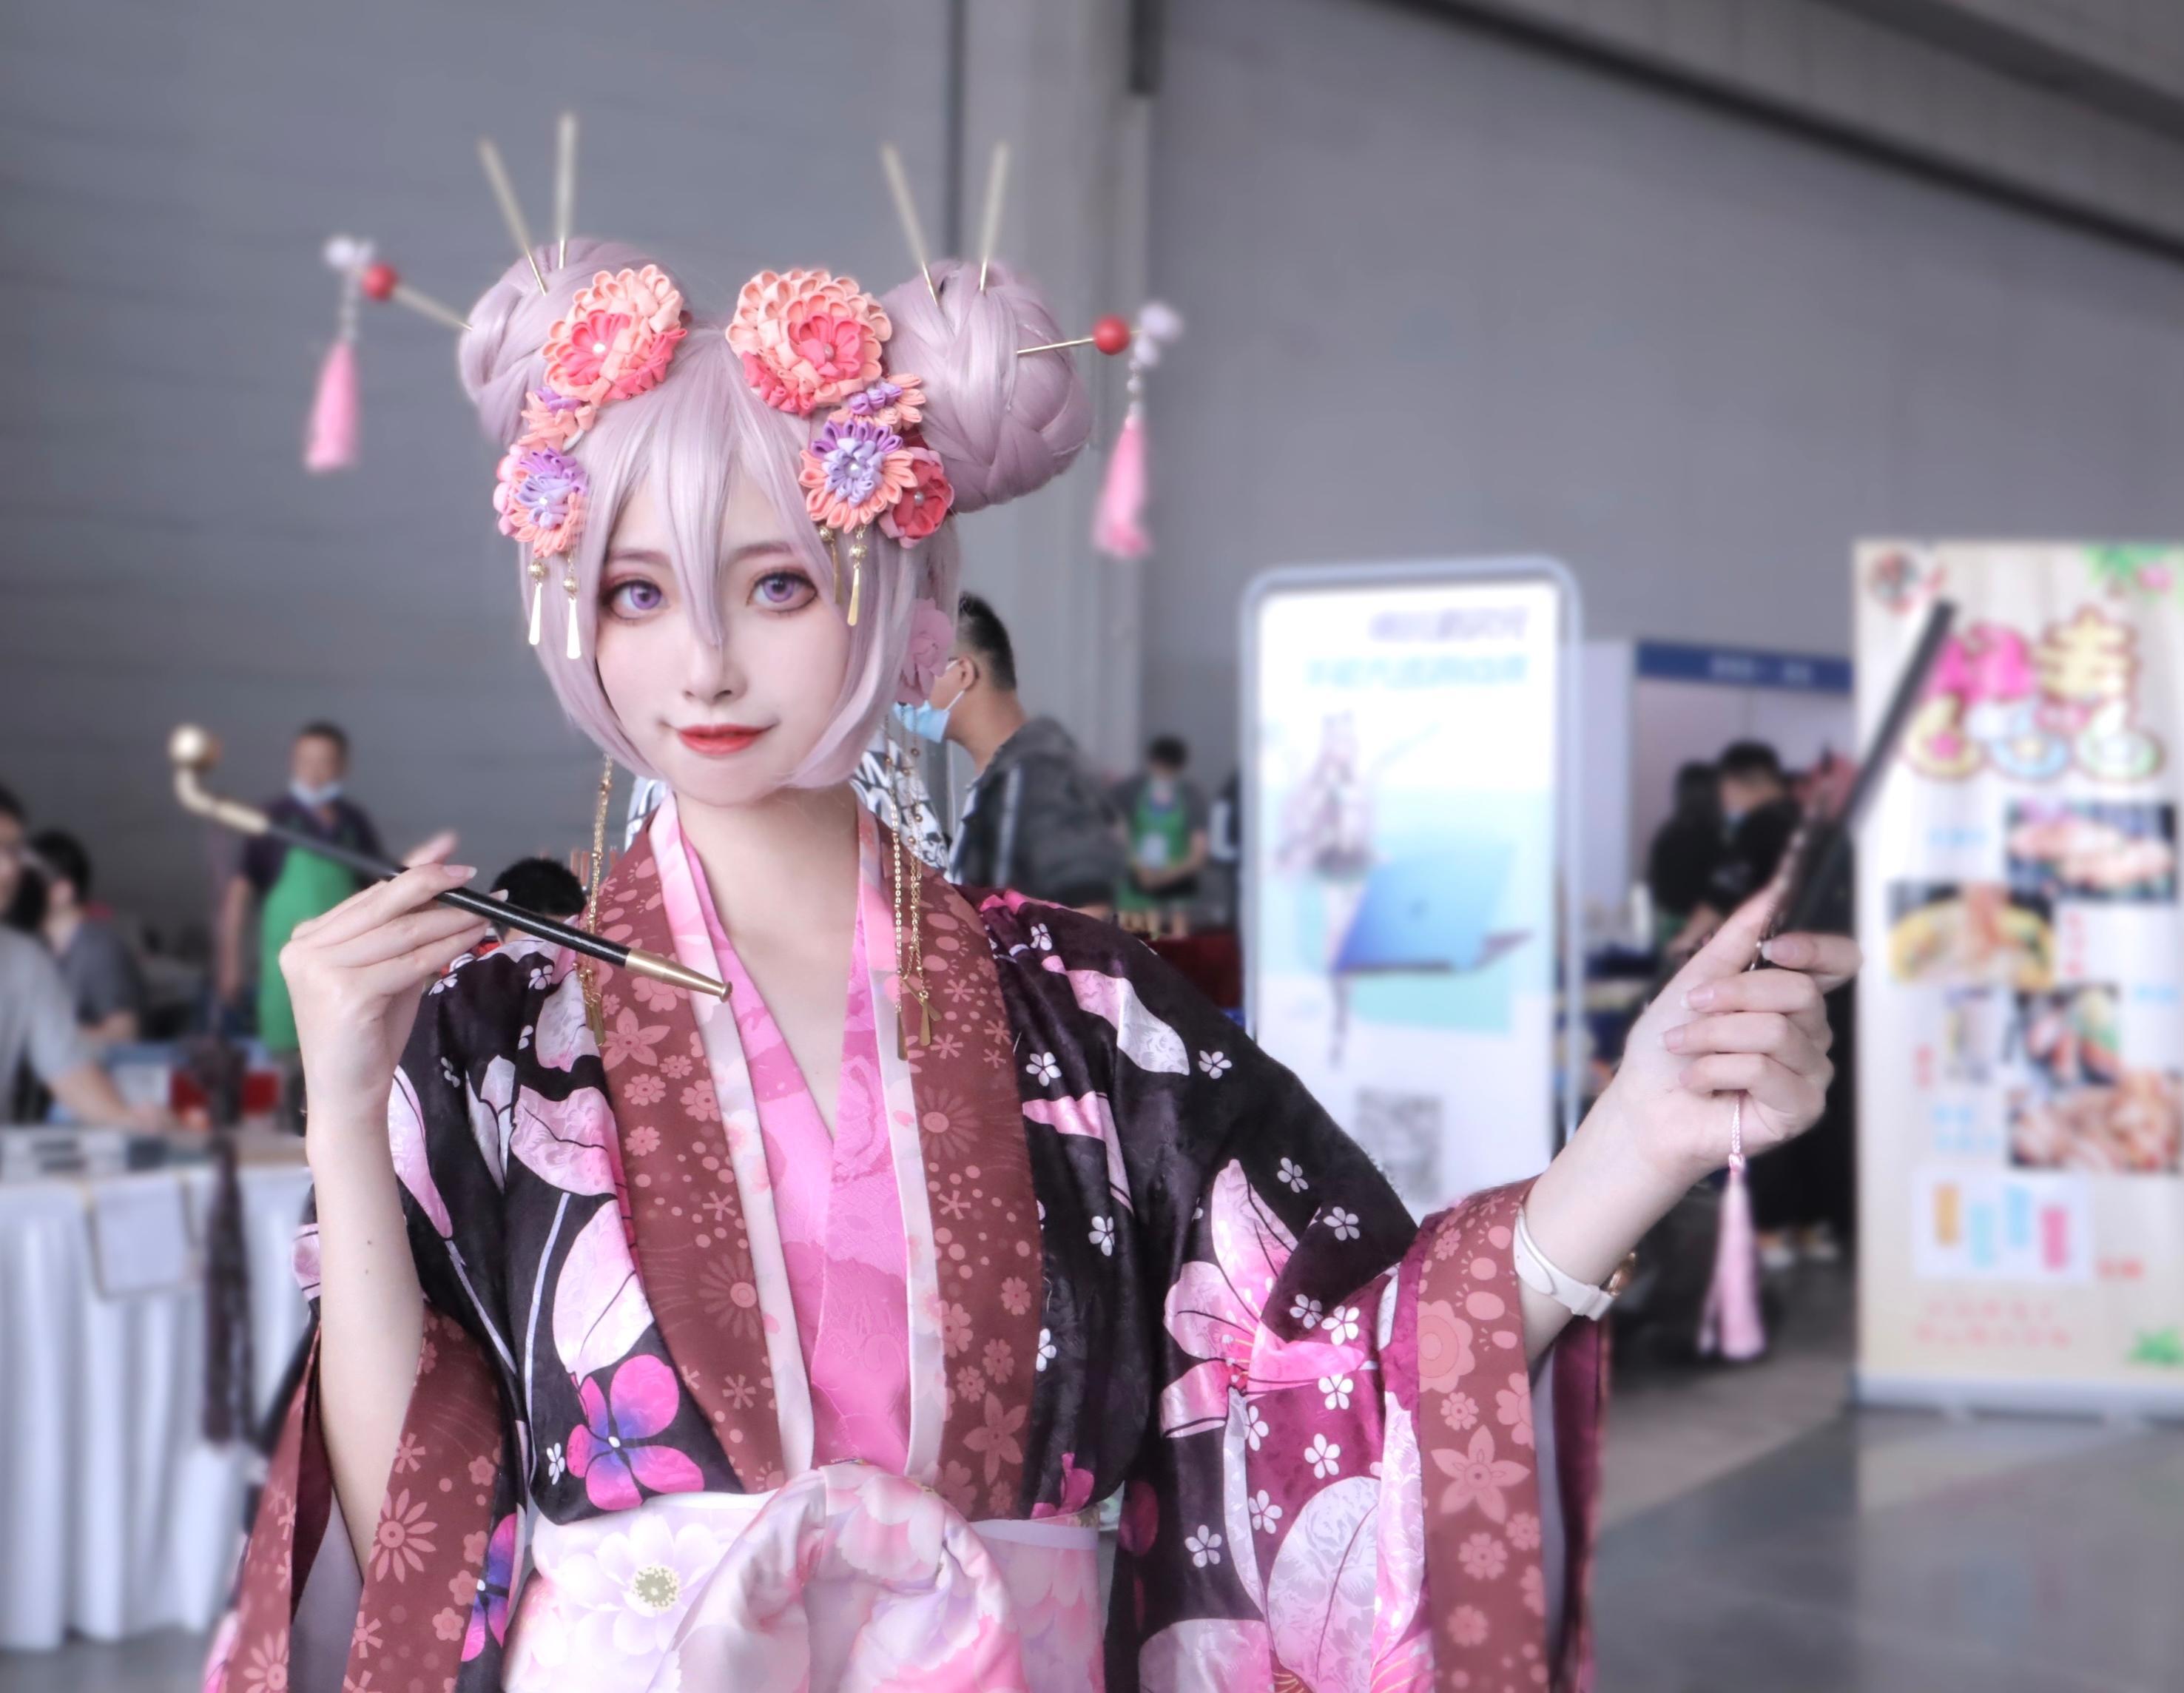 《王者荣耀》漫展cosplay【CN:cn苏s沫】-第3张